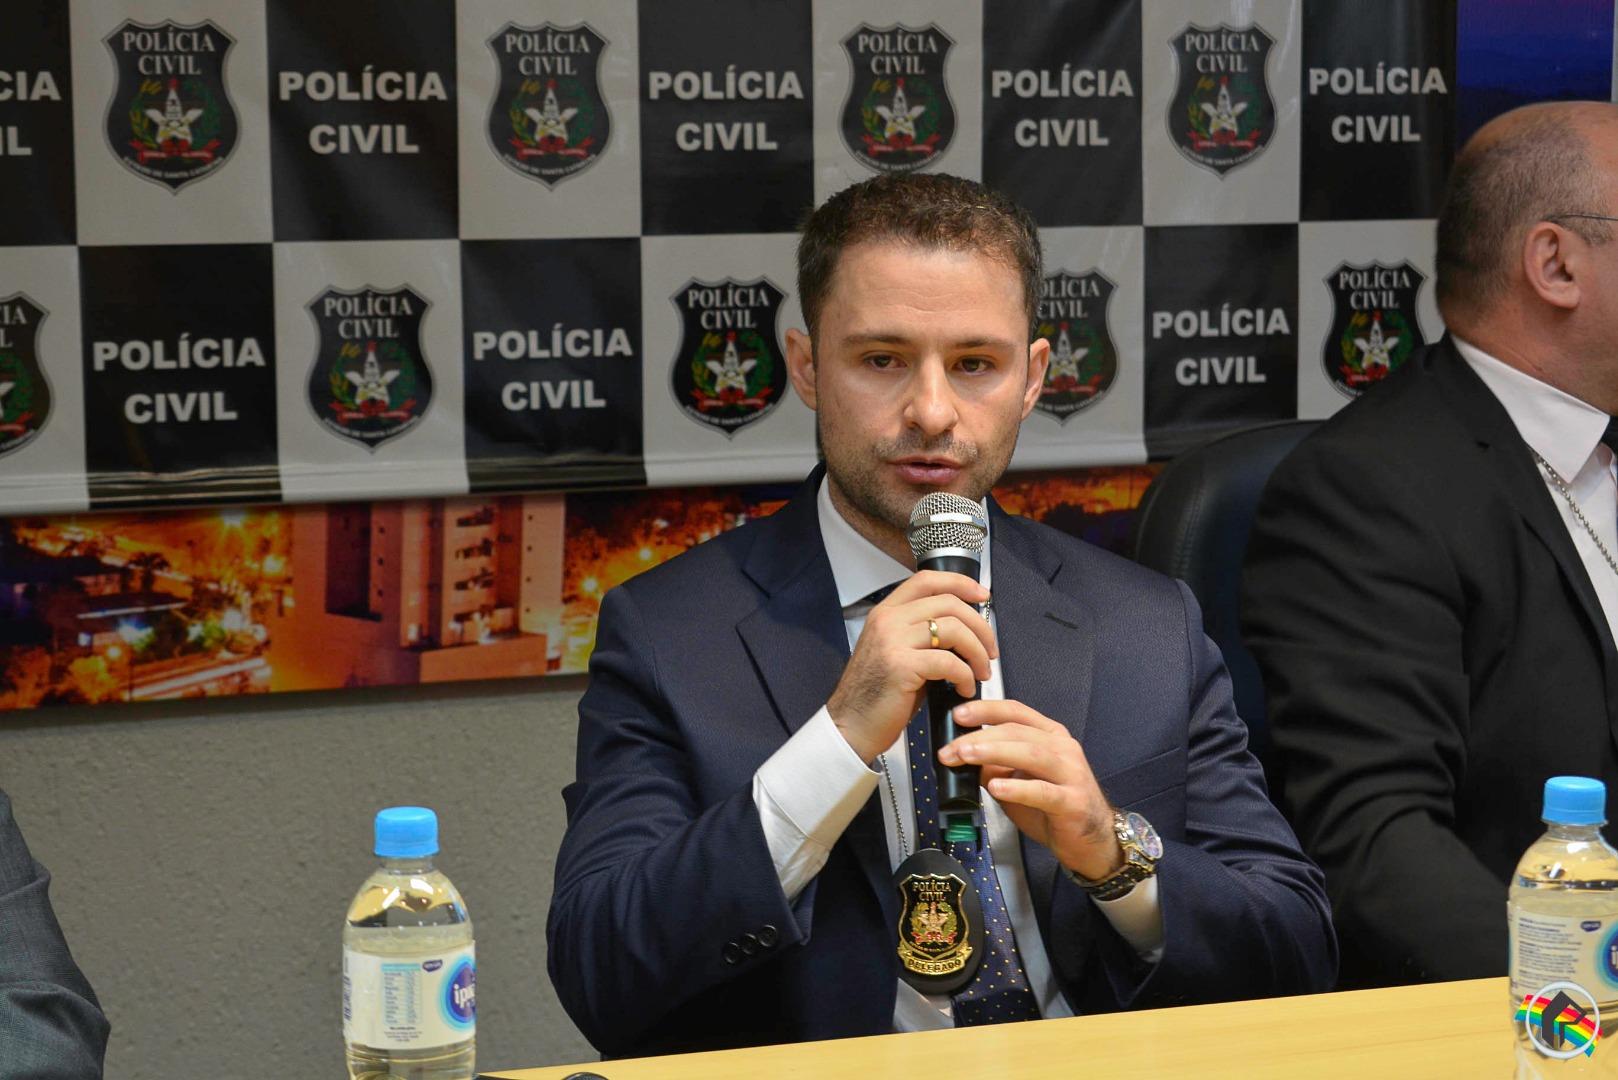 Polícia Civil não confirma que morte de advogado tenha sido encomendada por cliente